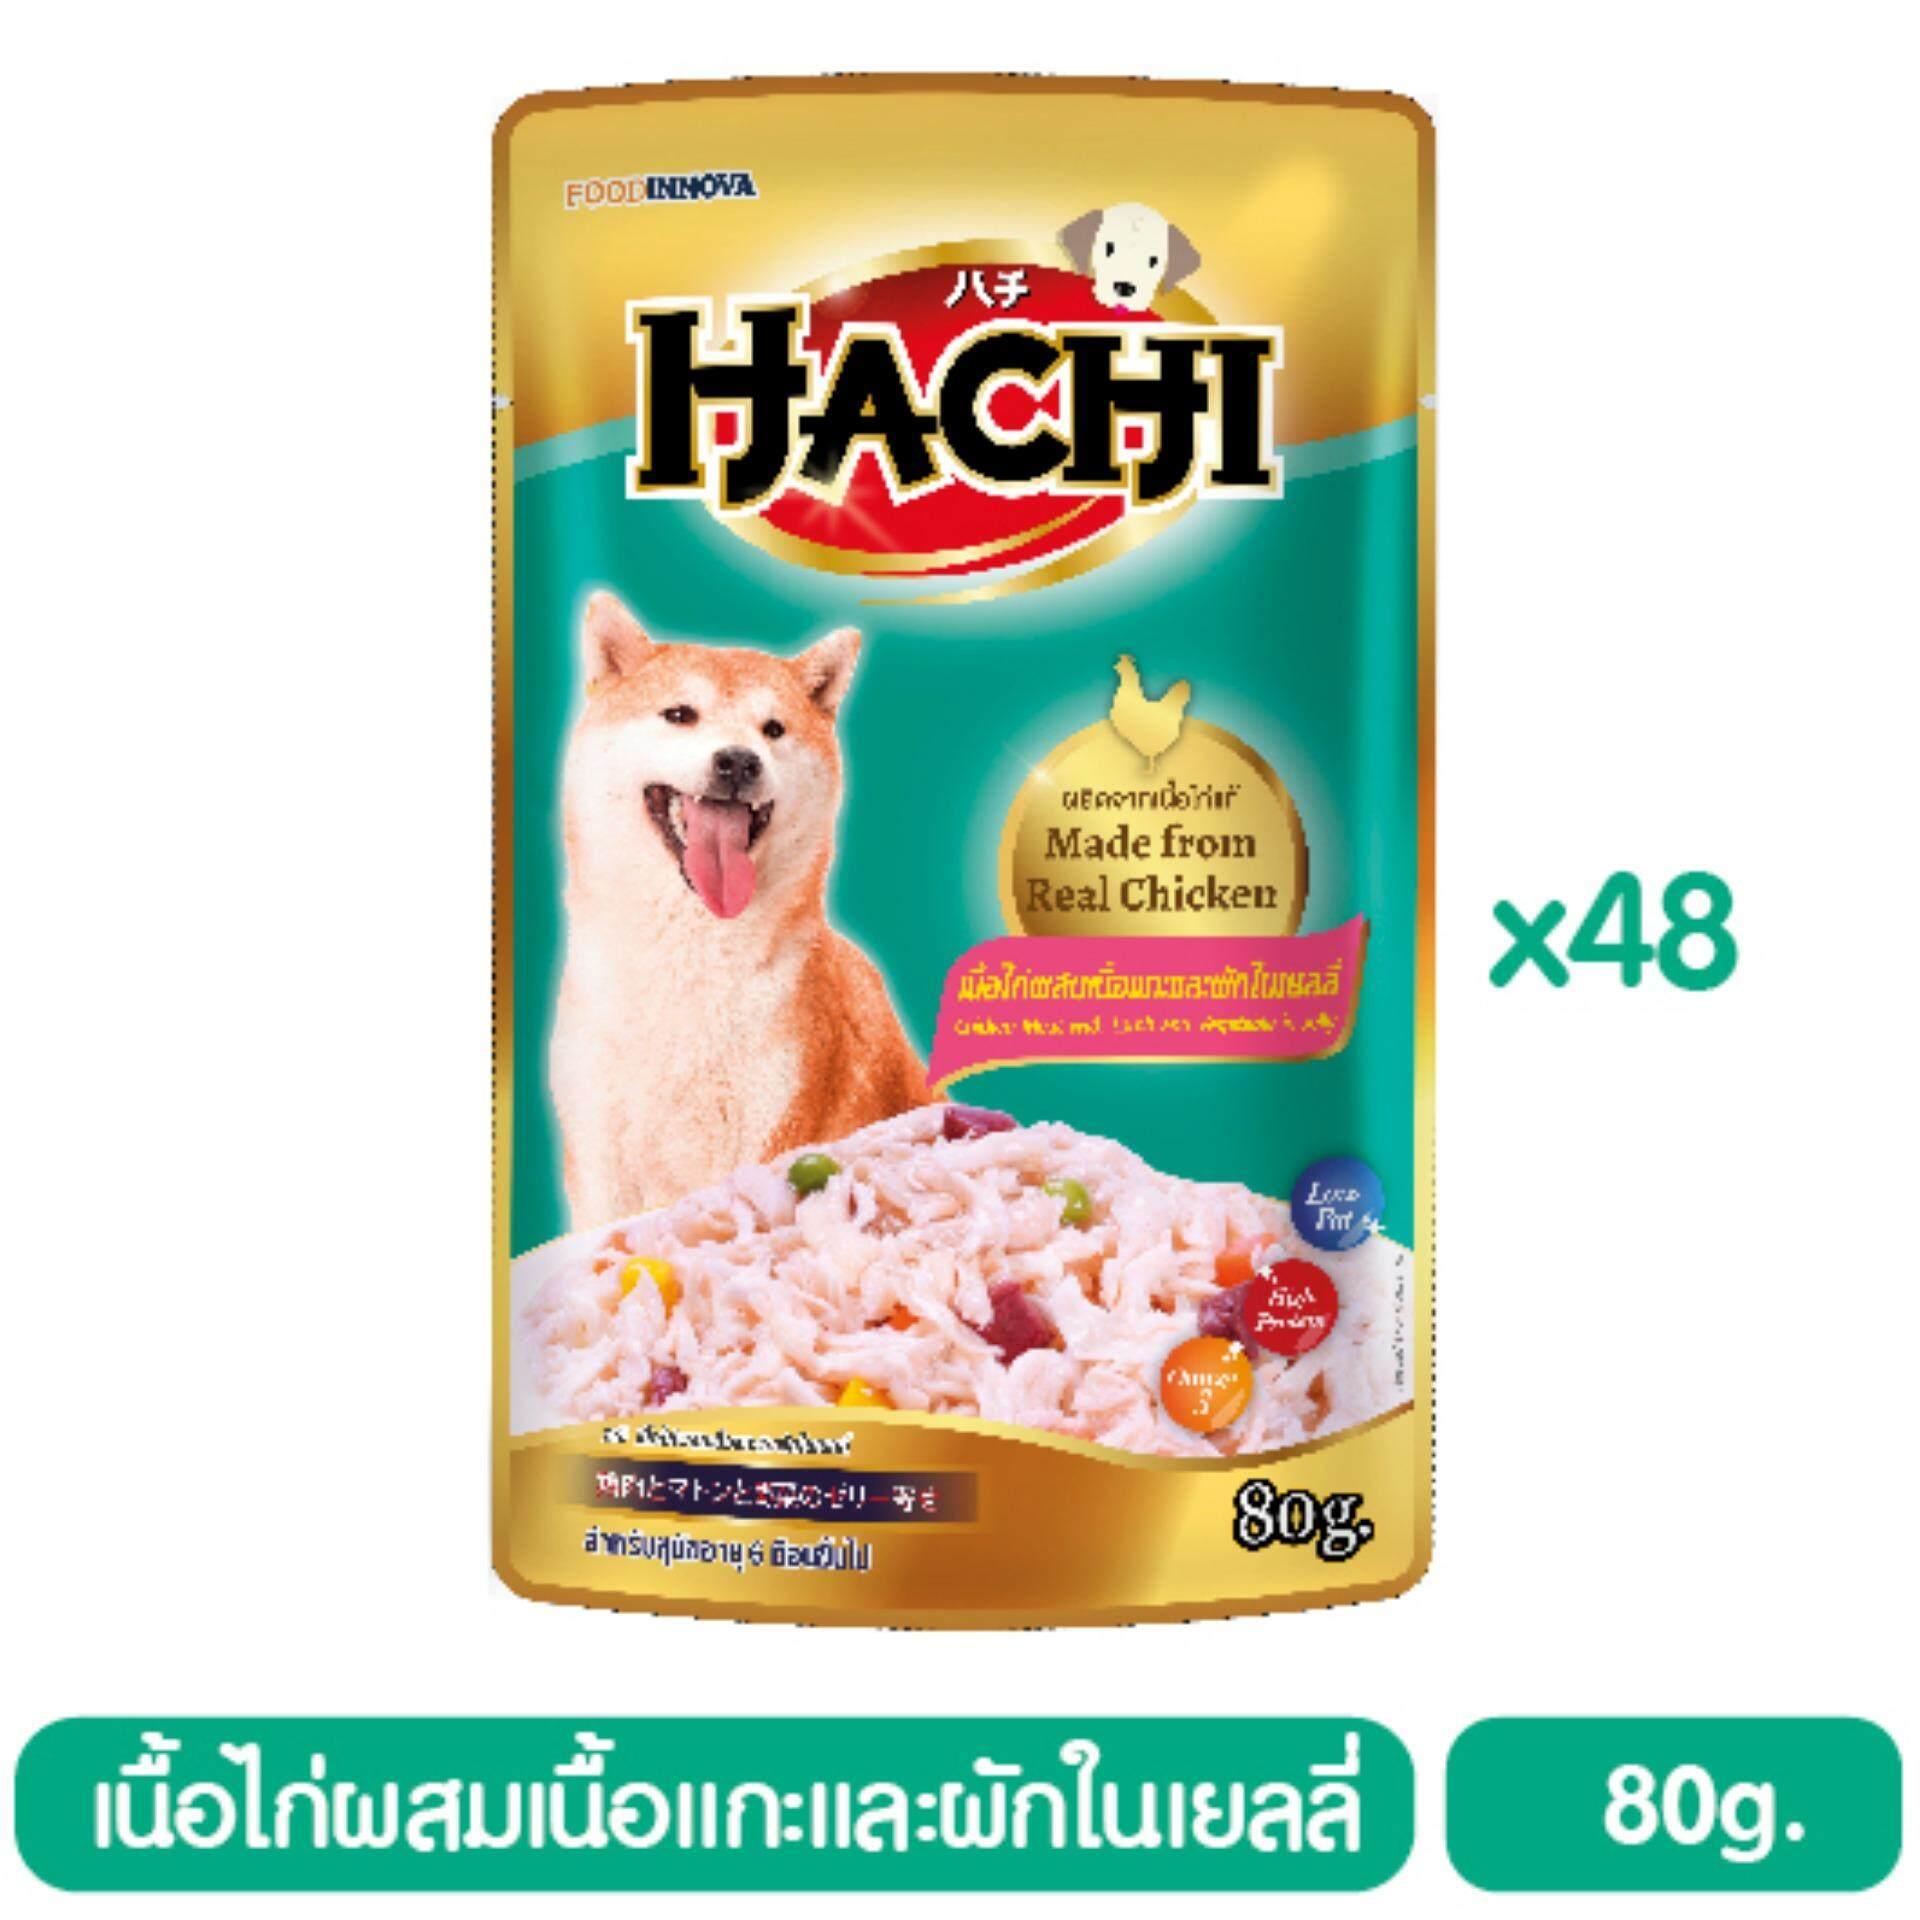 ขาย Hachi ฮะจิ เนื้อไก่ผสมเนื้อแกะและผักในเยลลี่ 80 G X 48 ซอง Hachi เป็นต้นฉบับ